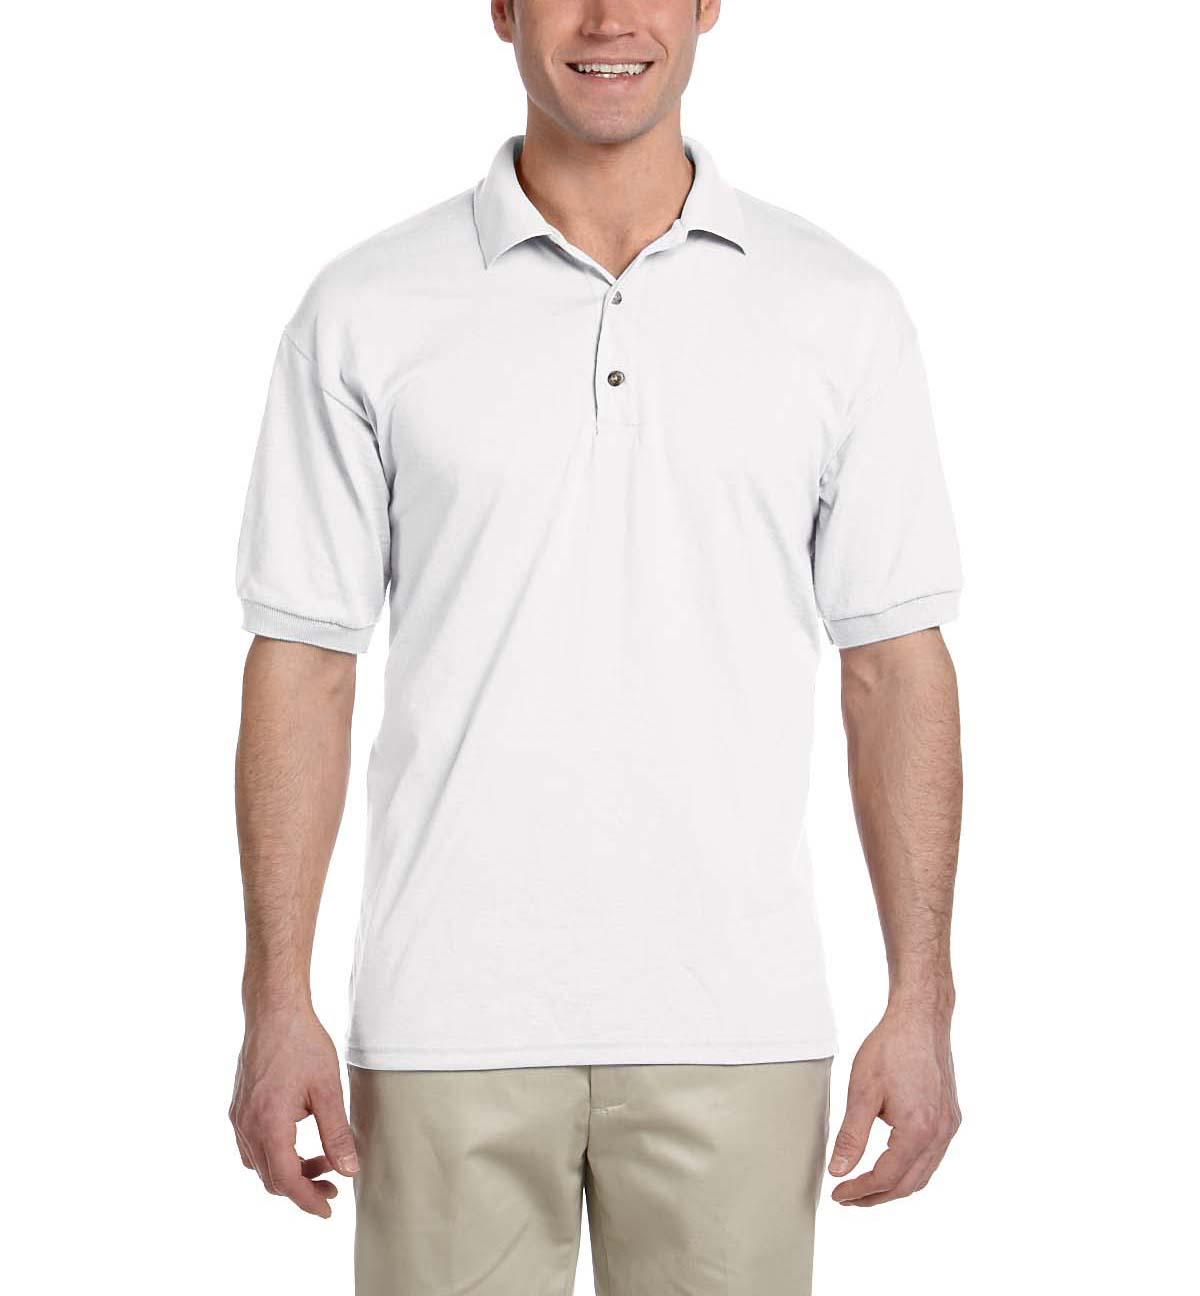 bee13fce050 Мъжки тениски с яка | поло тениски -freak-bg.com